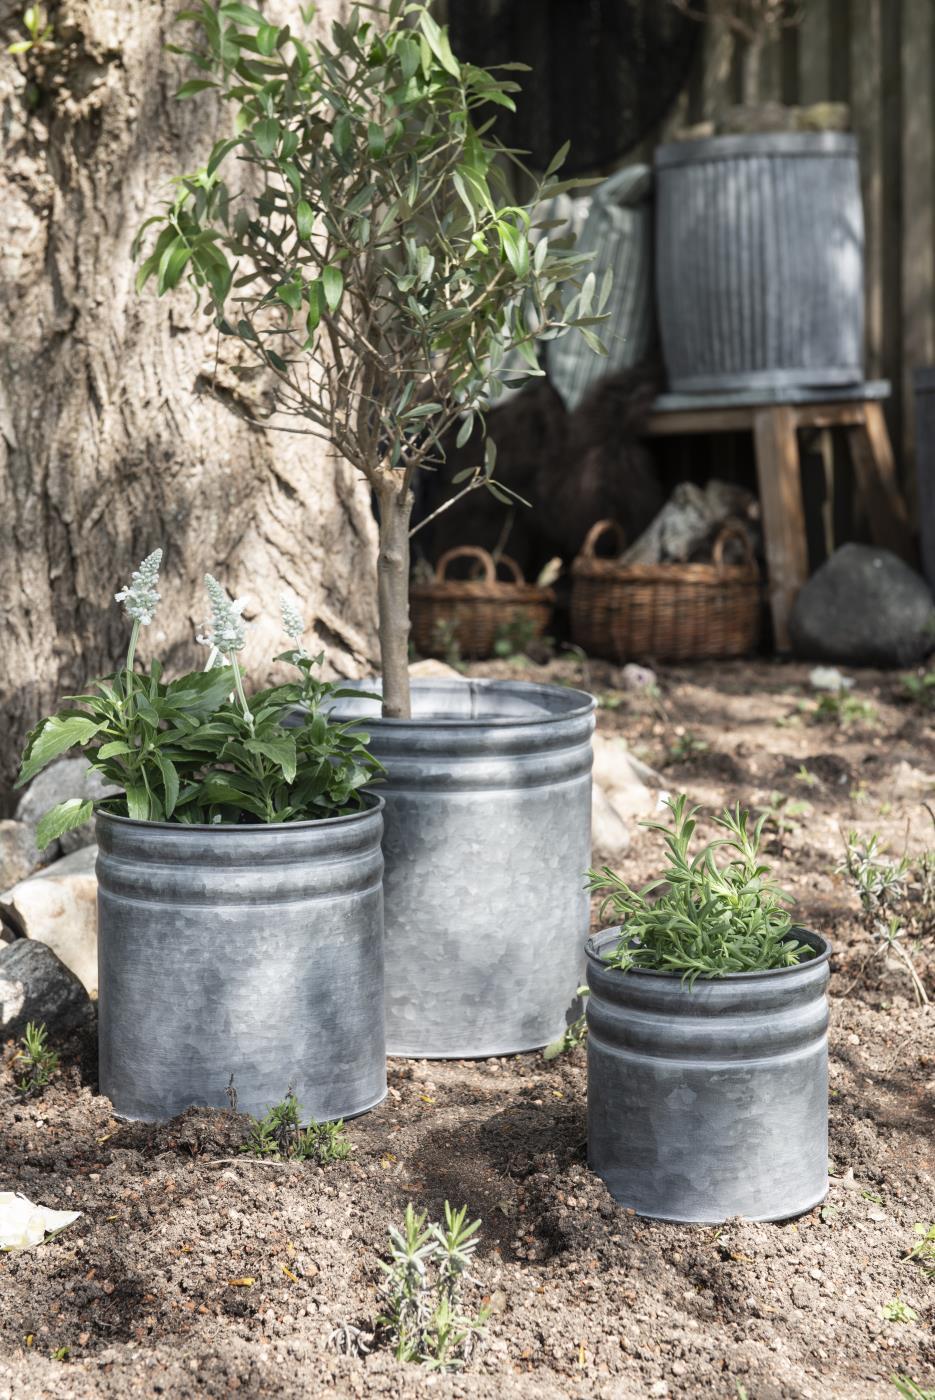 Garten Töpfe und Pflanzgefäße, Bild 1